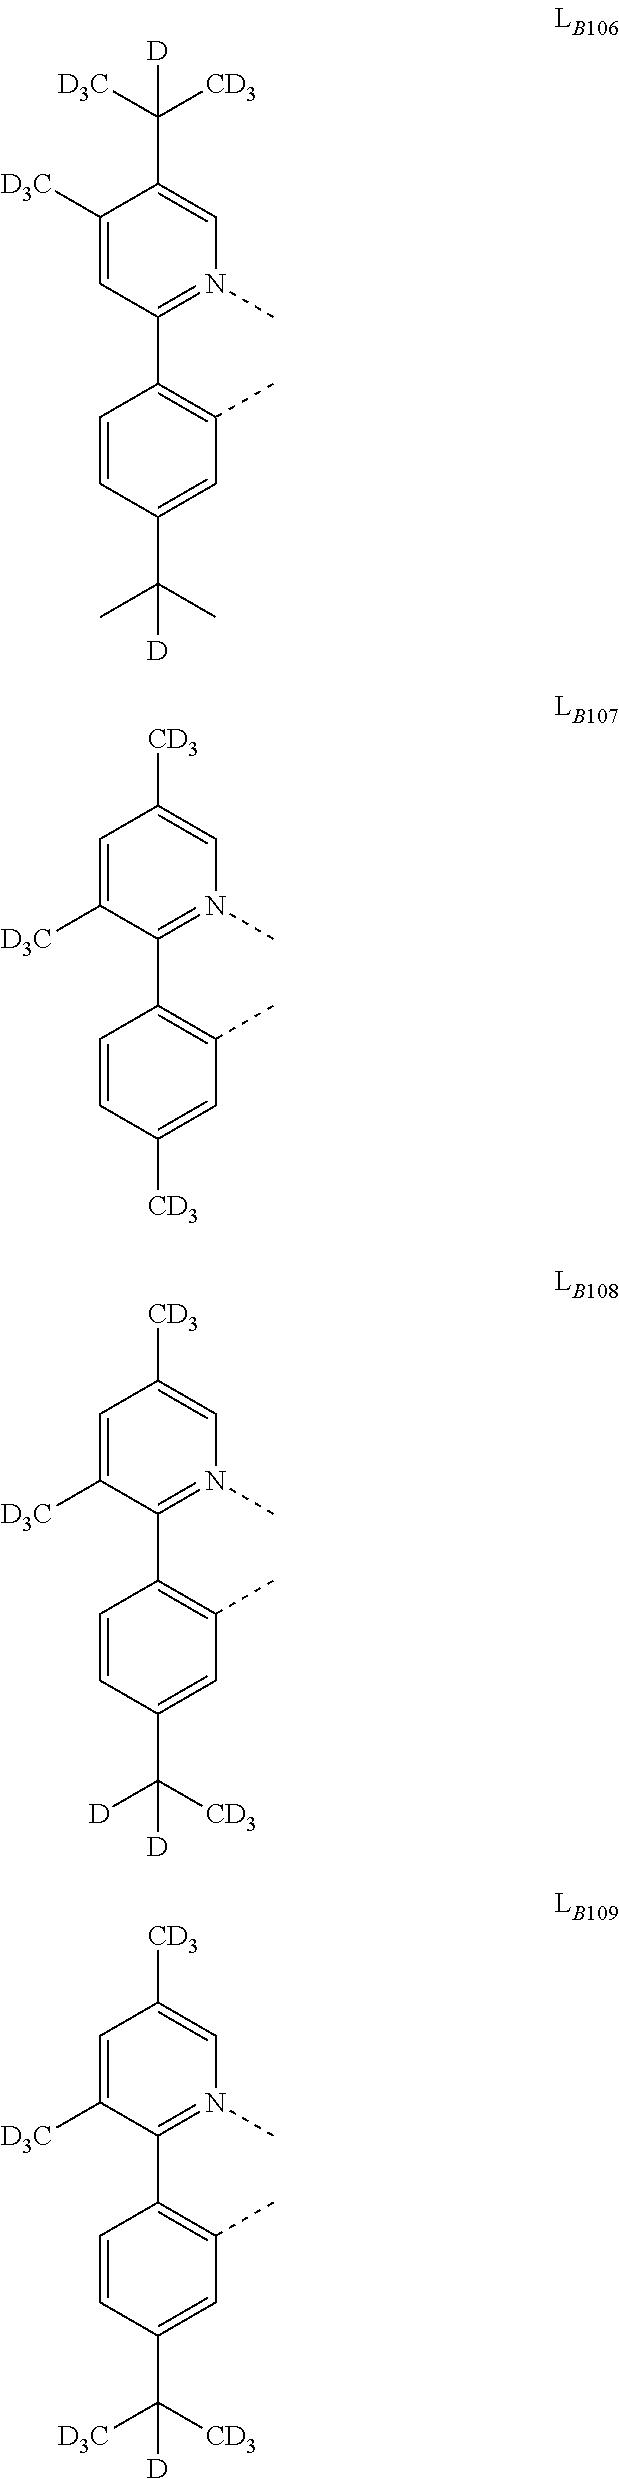 Figure US20180130962A1-20180510-C00280